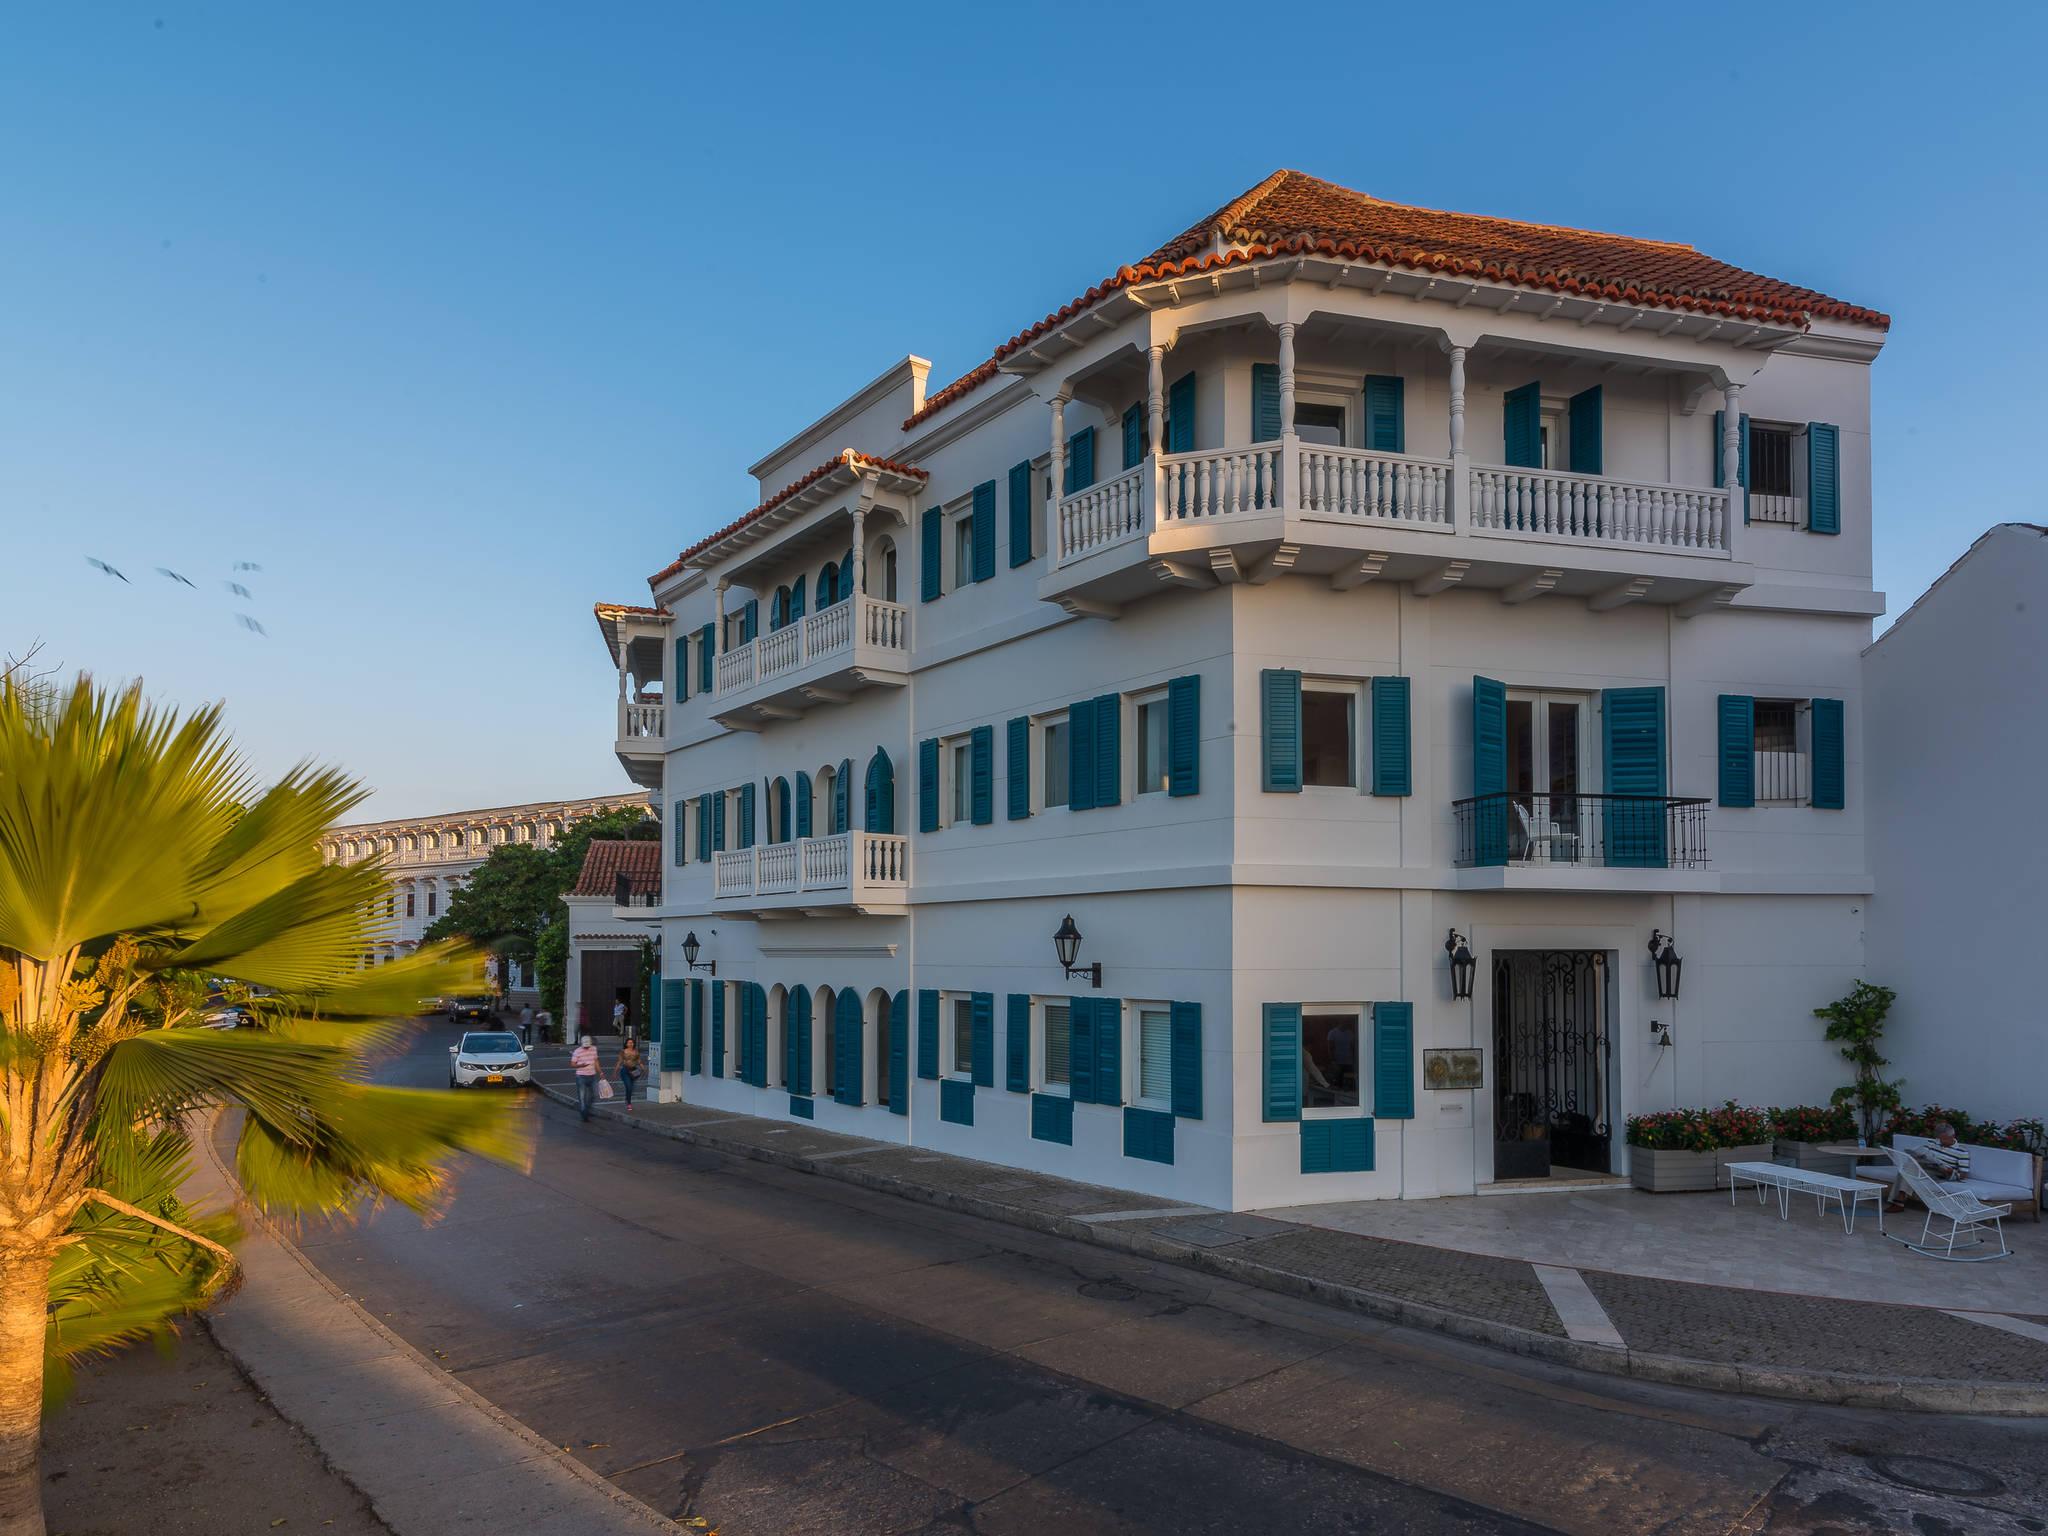 โรงแรม – Hotel Boutique Bovedas de Santa Clara